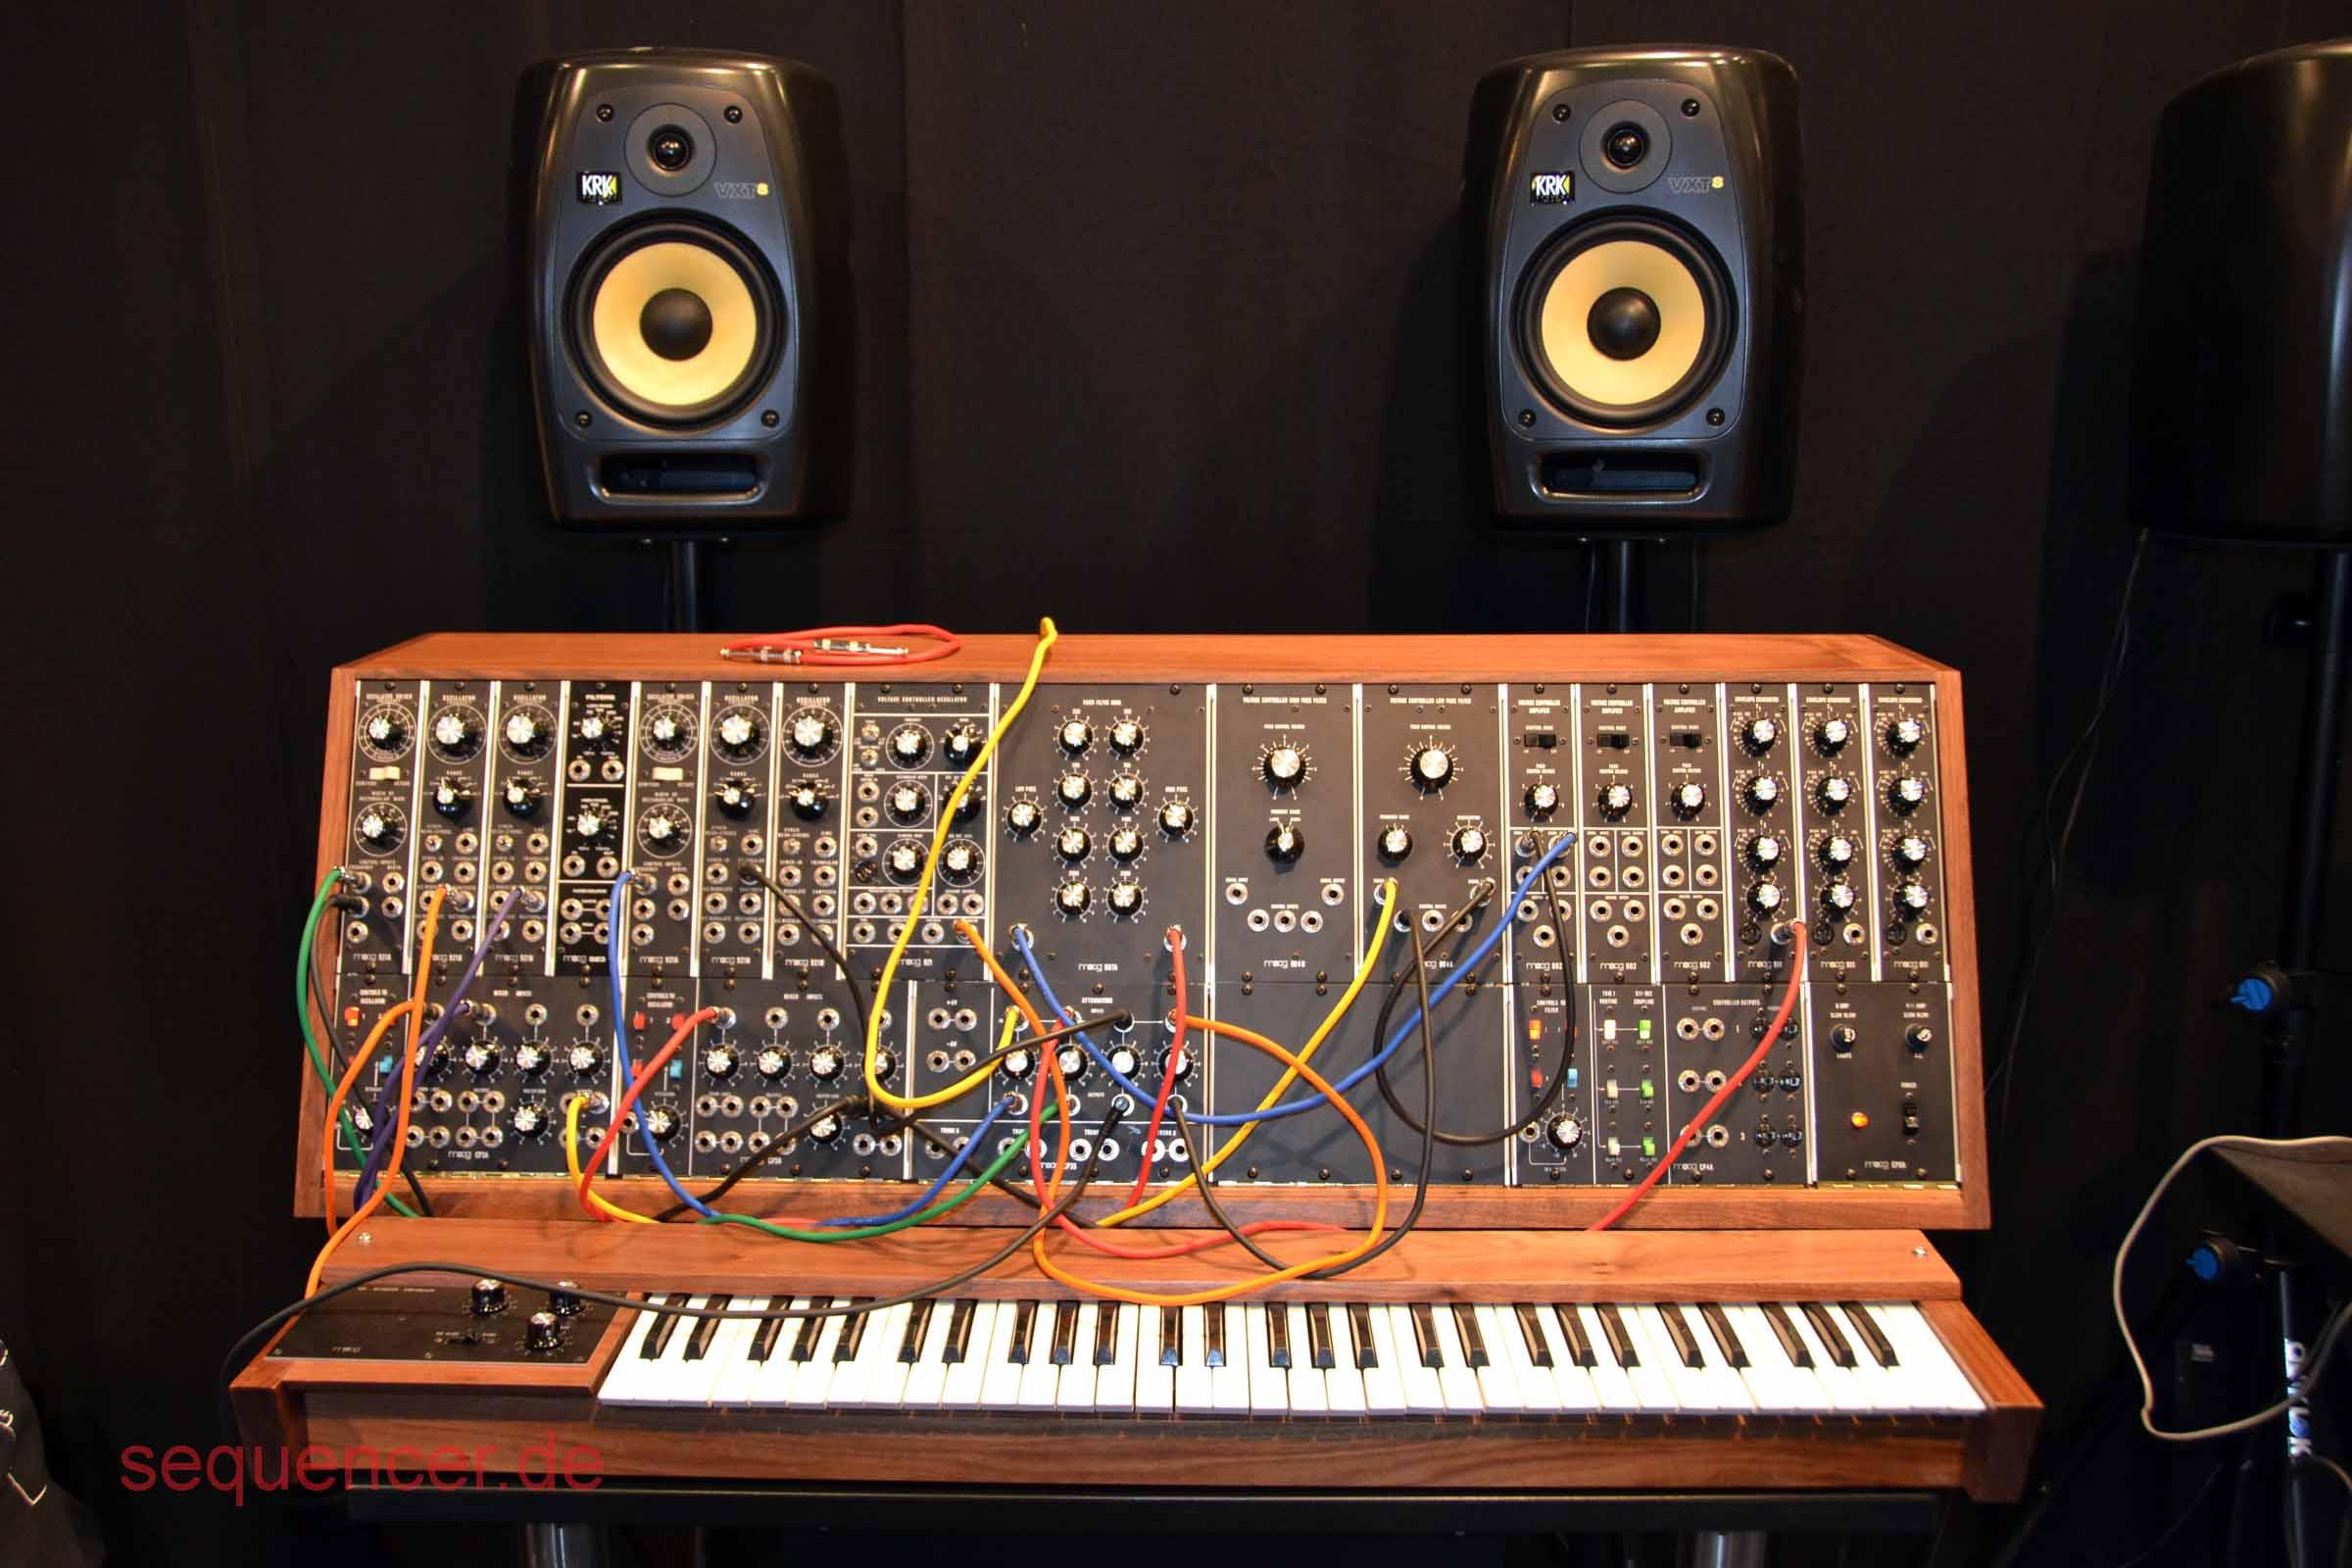 Moog System 35 - re-release 2014/15 Moog System 35 - re-release 2014/15 Modular synthesizer